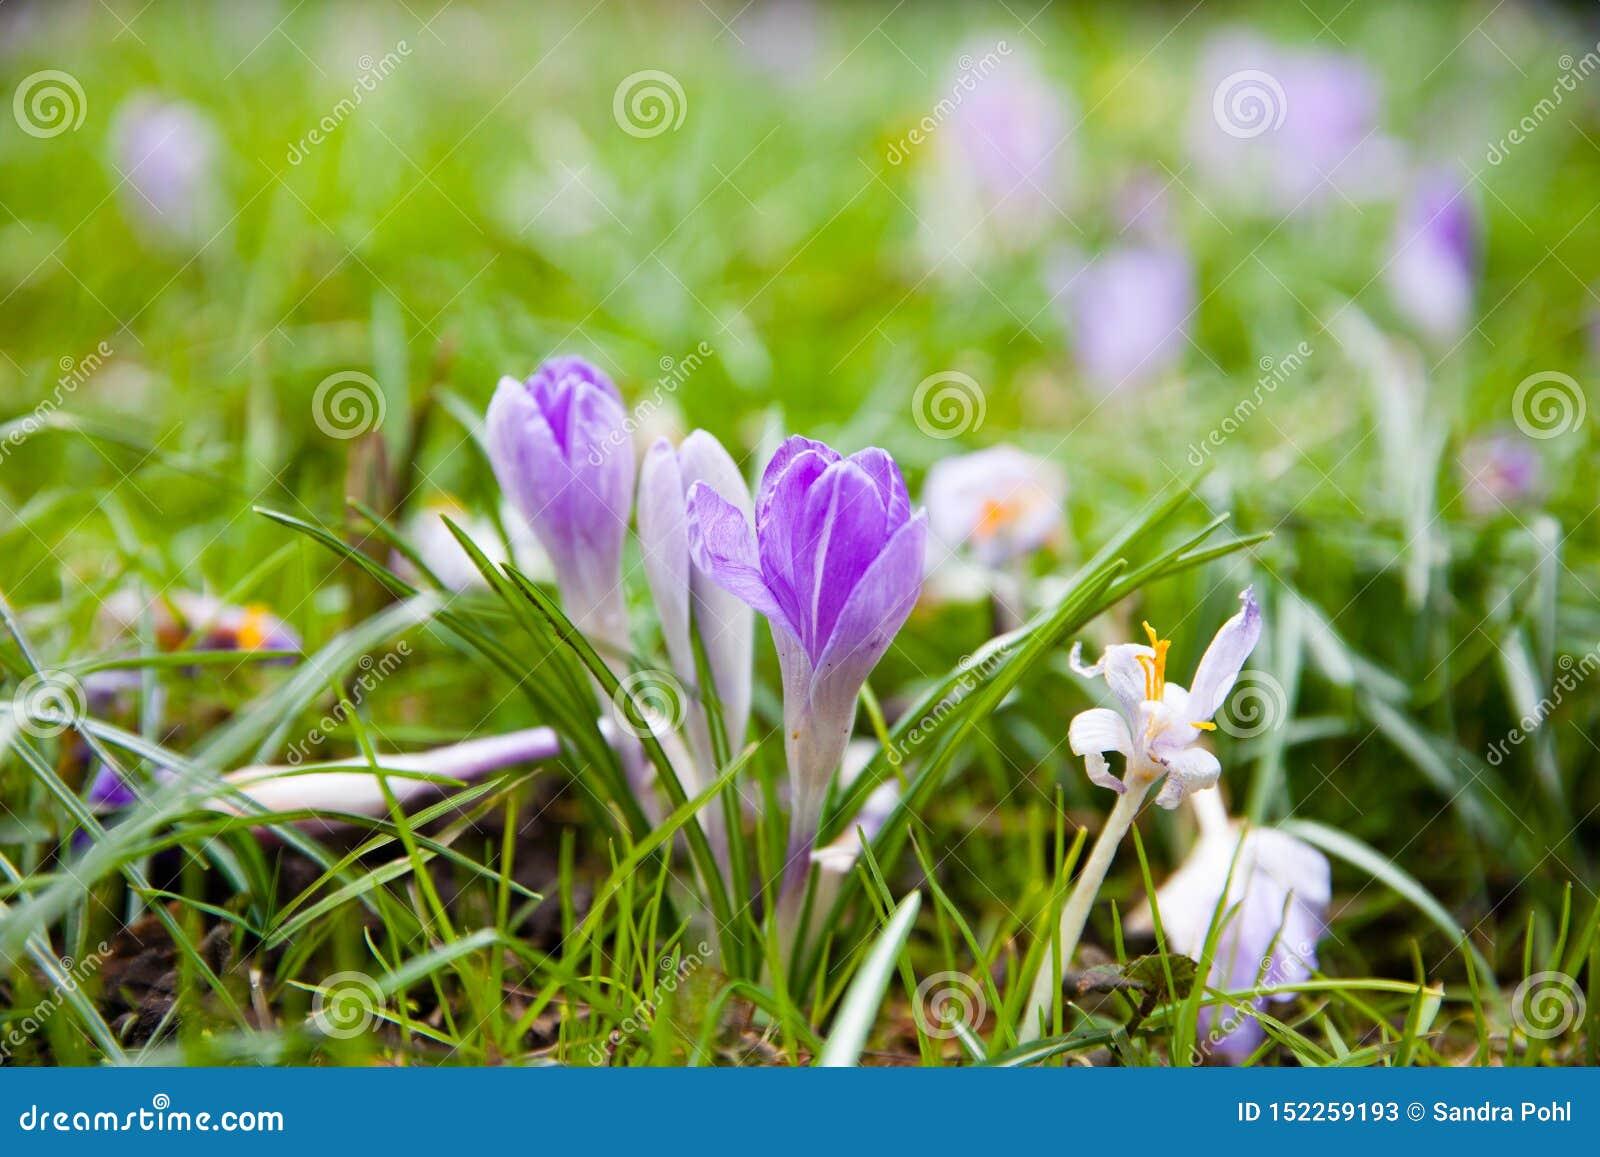 Violetter Krokus auf einer grünen Wiese